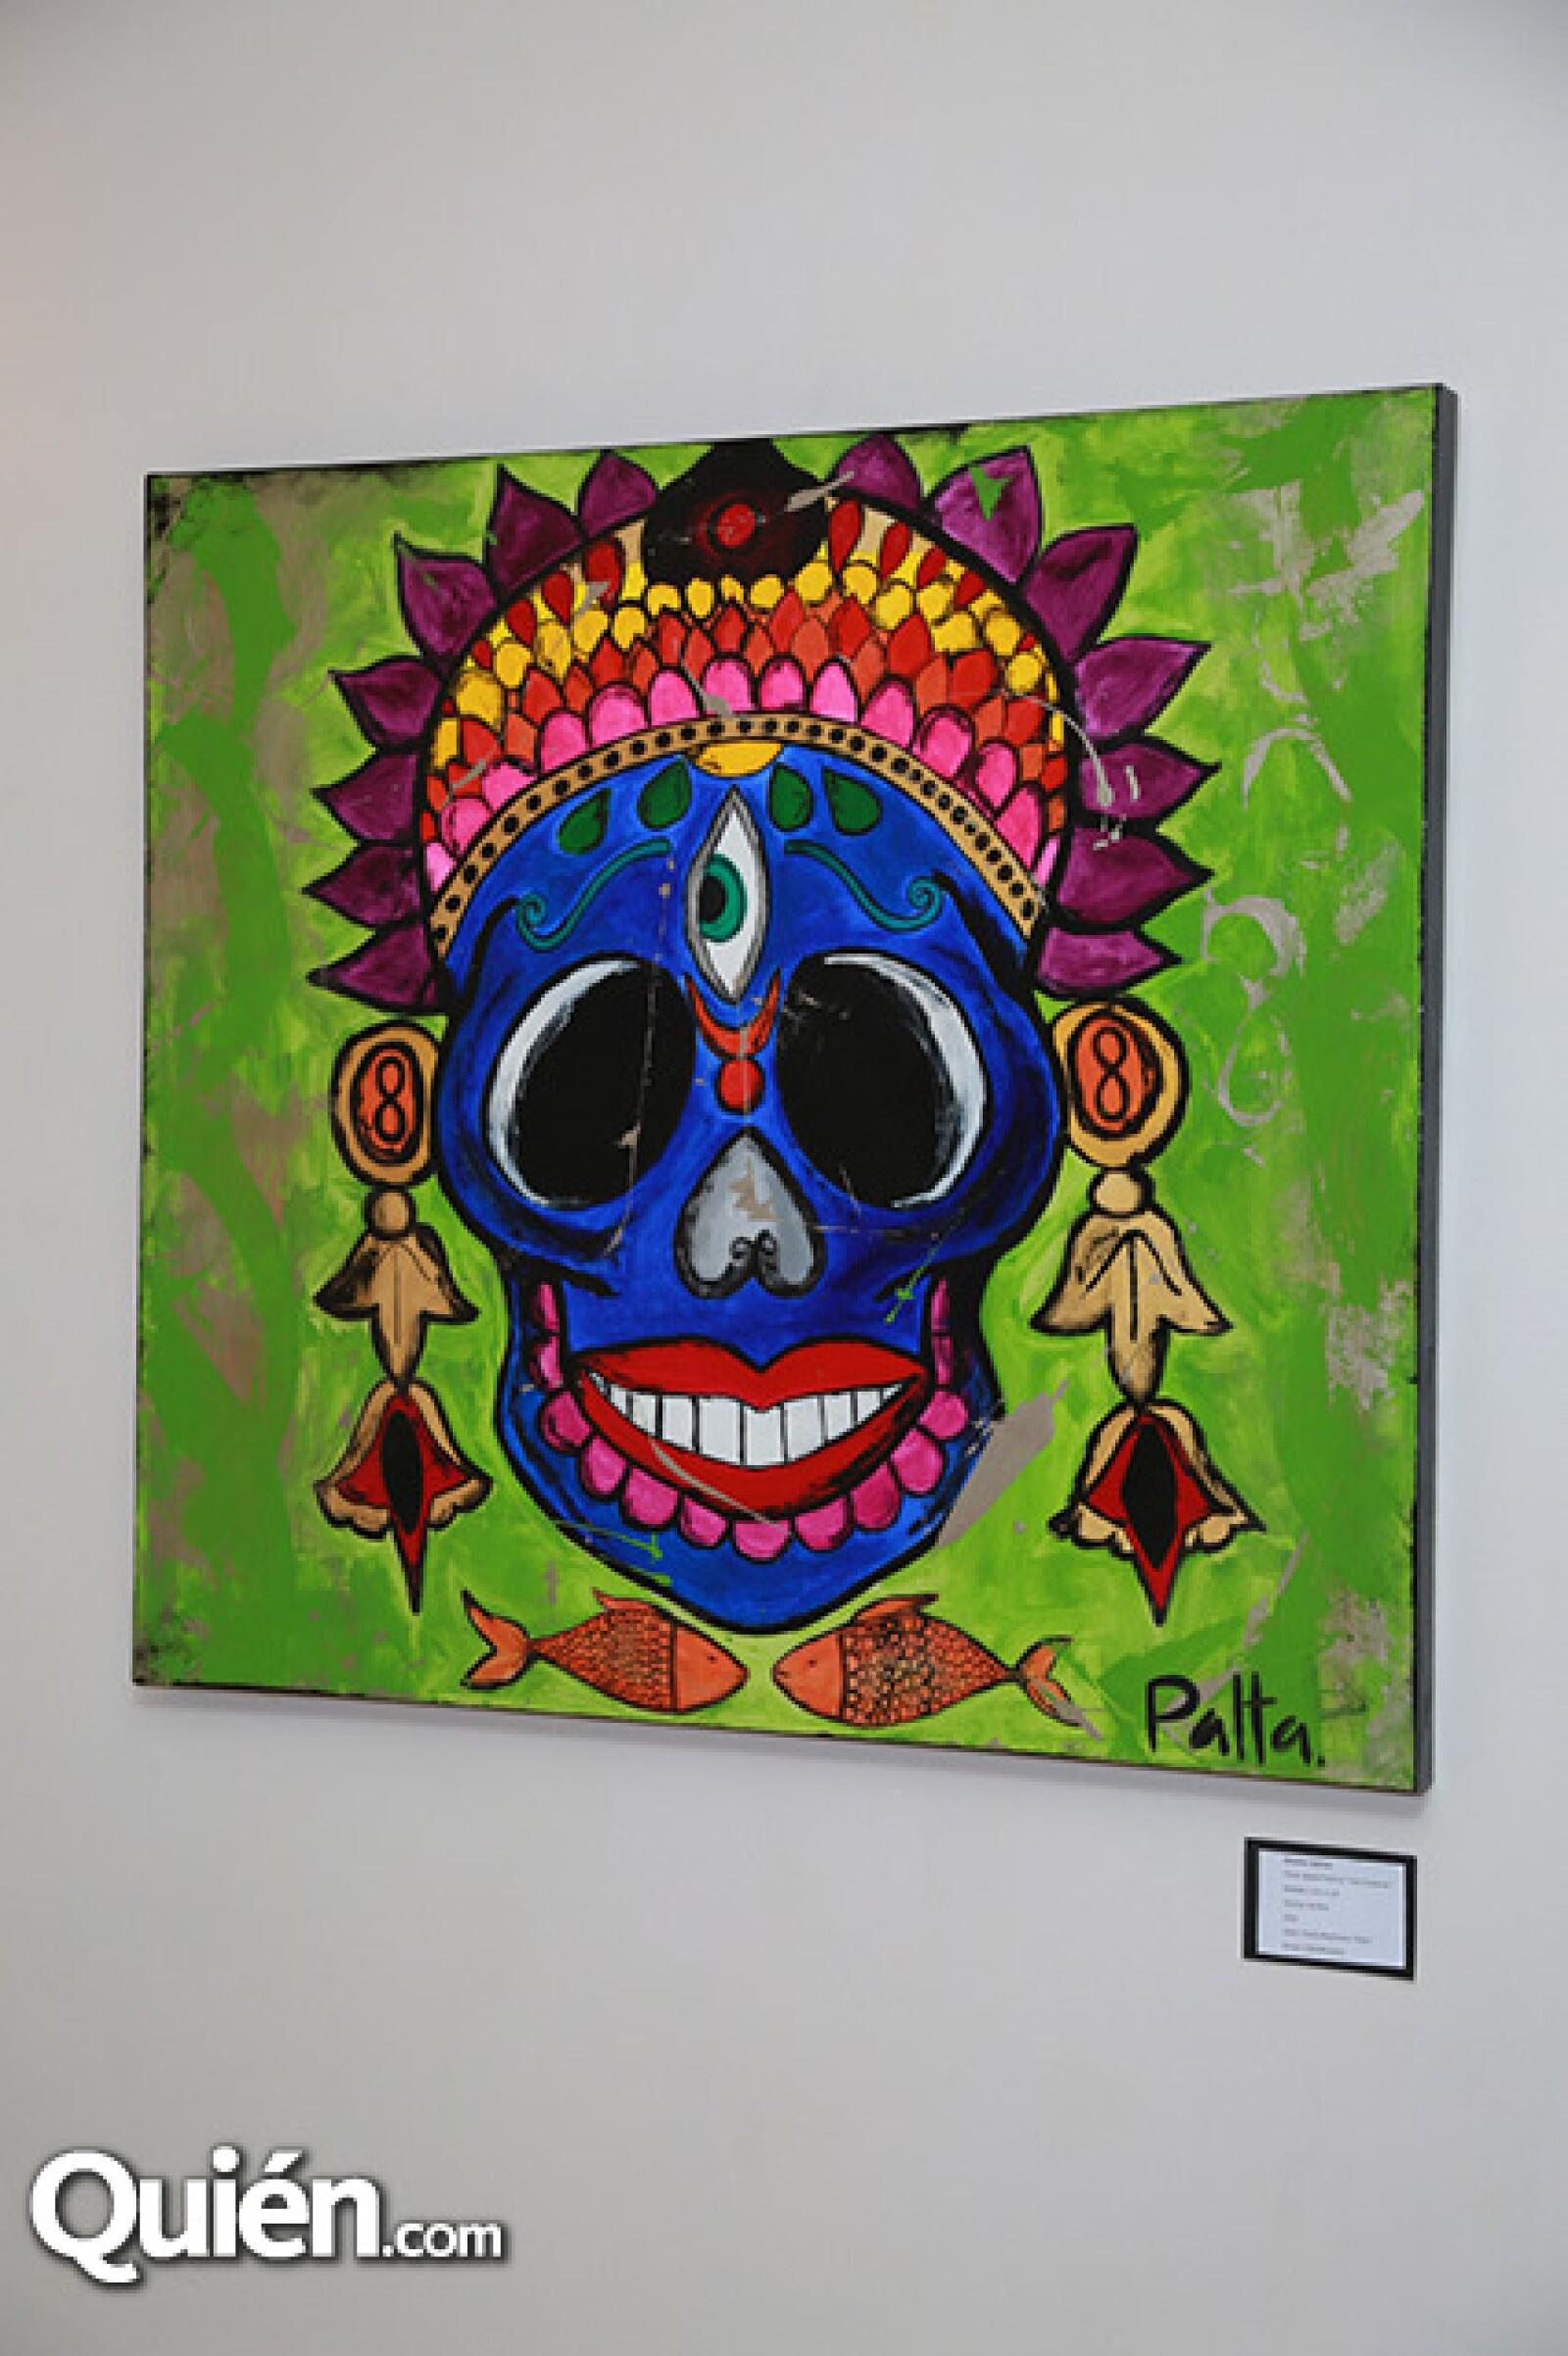 Pinturas de Paola Altamirano